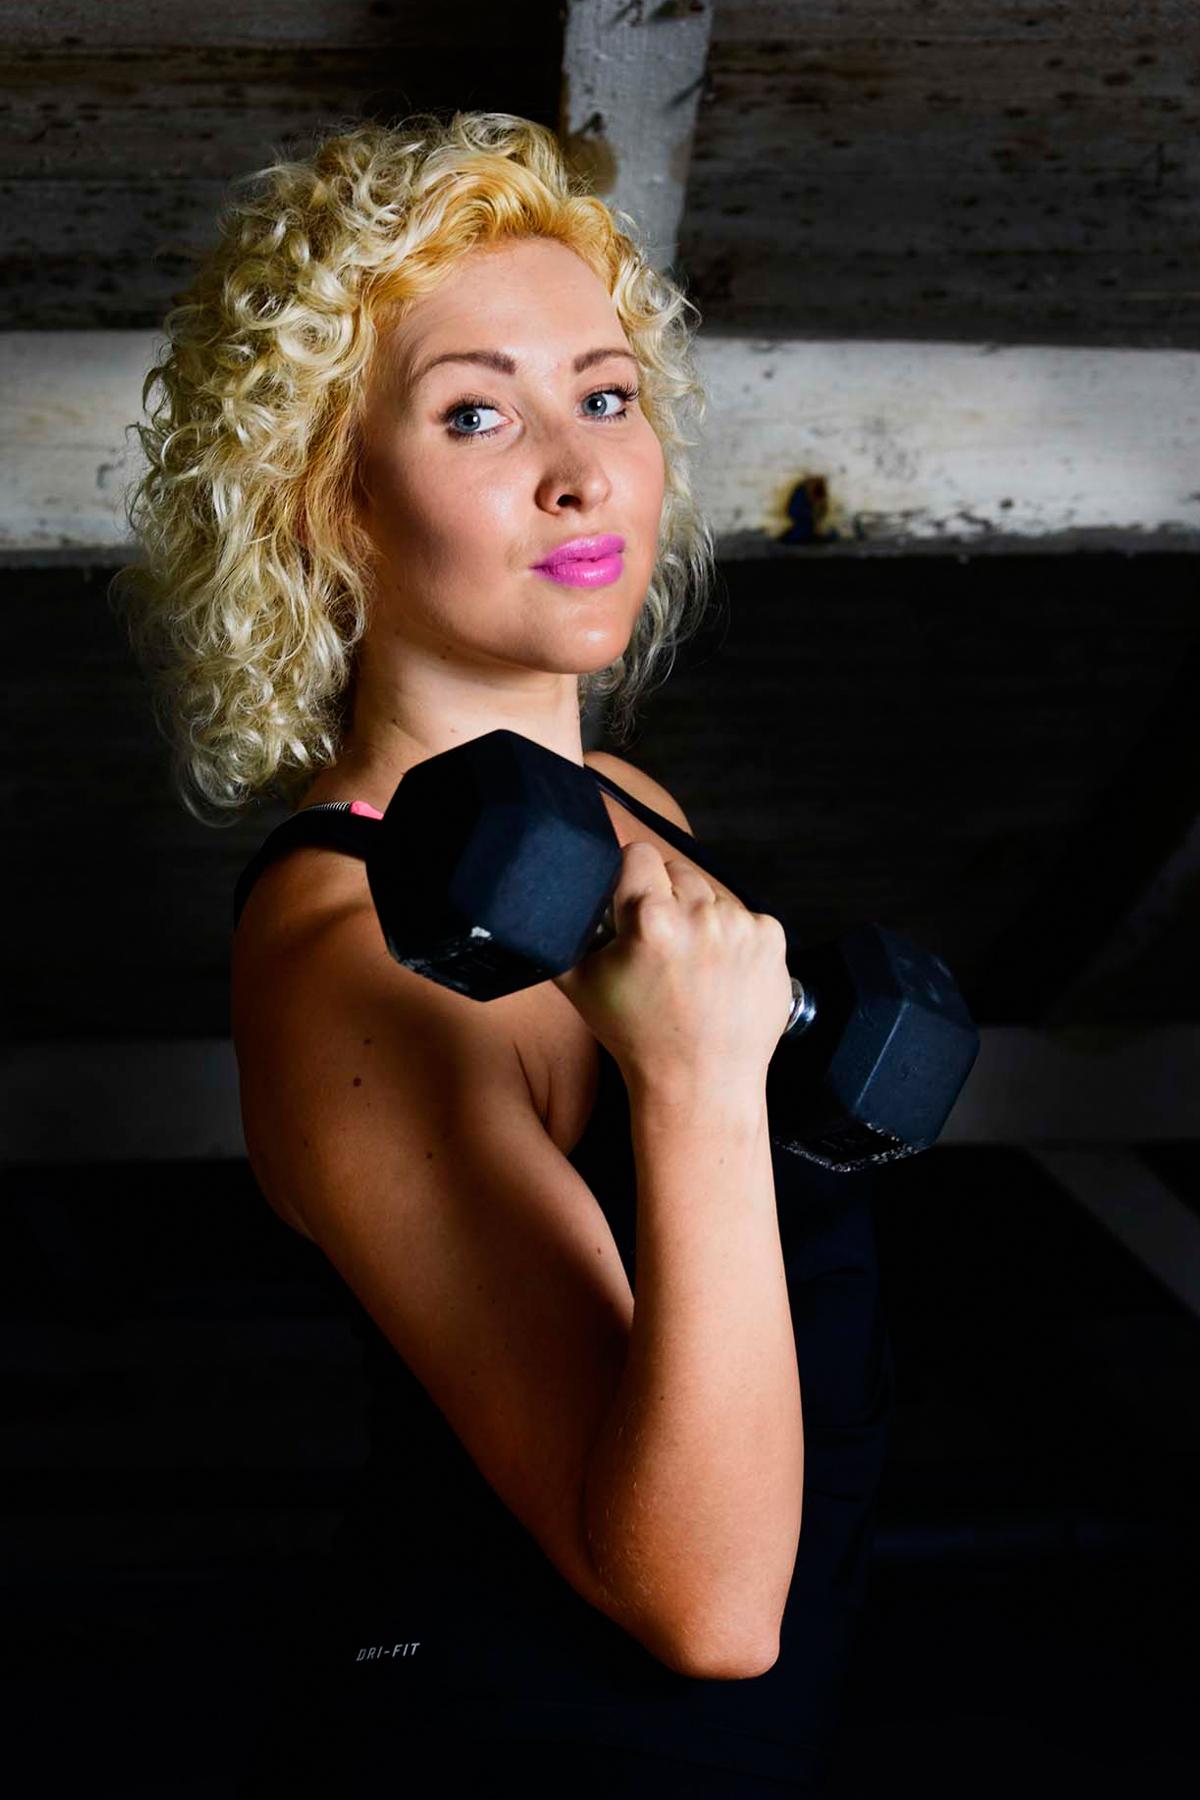 Zuzanna Beauty Center Medical Wellness & SPA